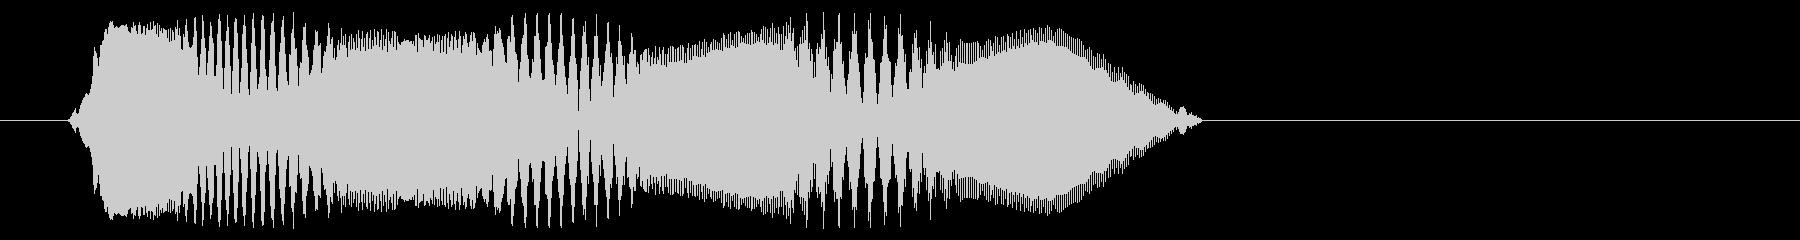 チュン(早朝に響くスズメの鳴き声)の未再生の波形